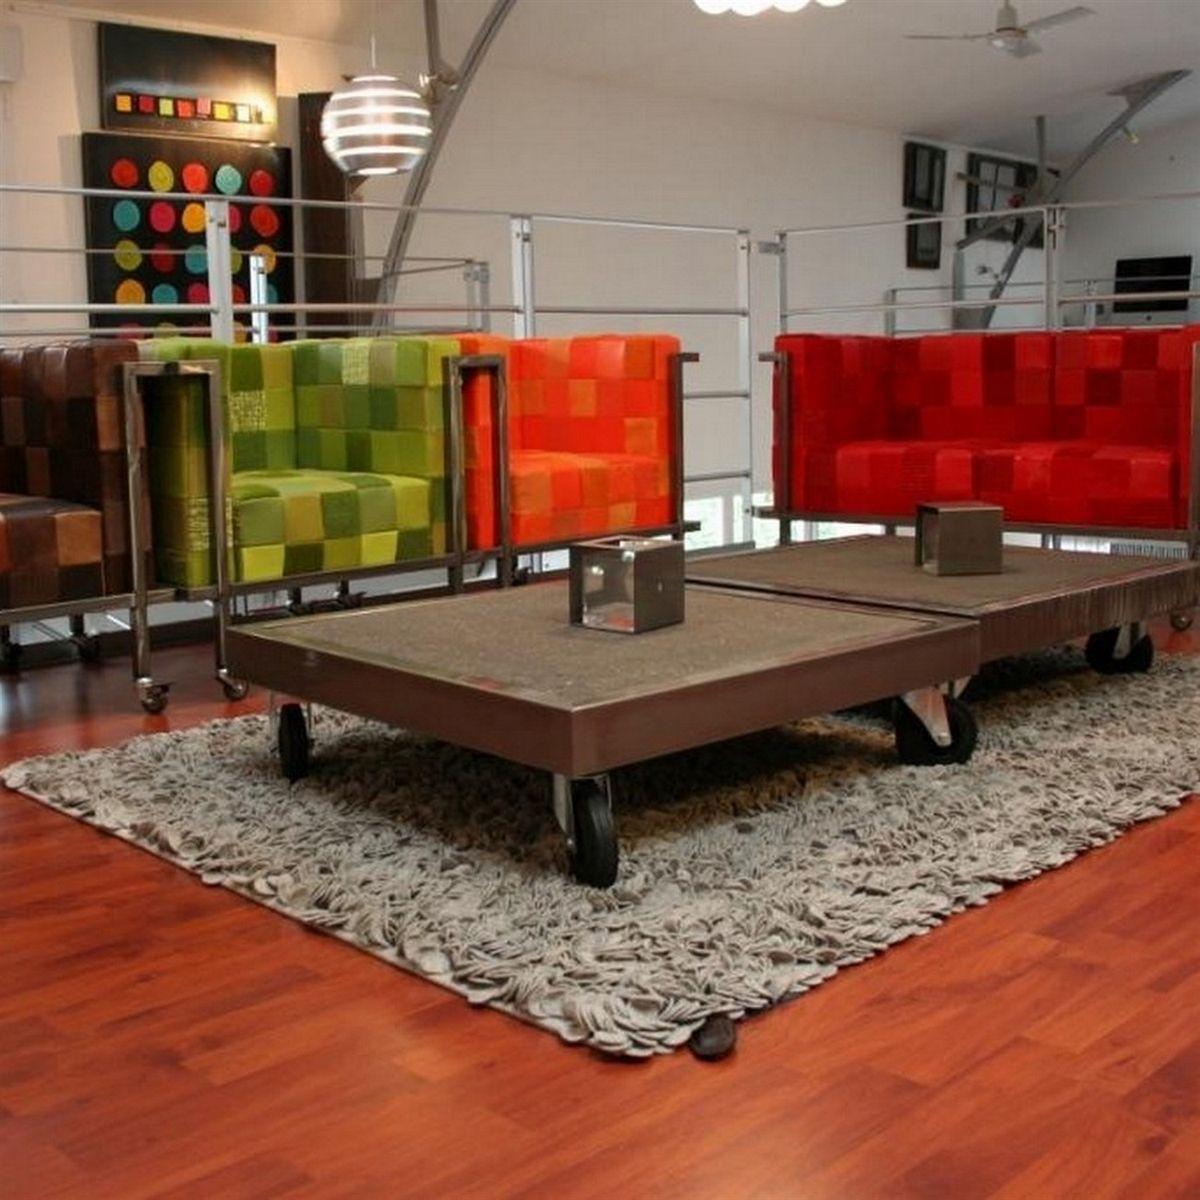 Table Basse Mtal Et Bton Cir Sur Roulettes De Chez